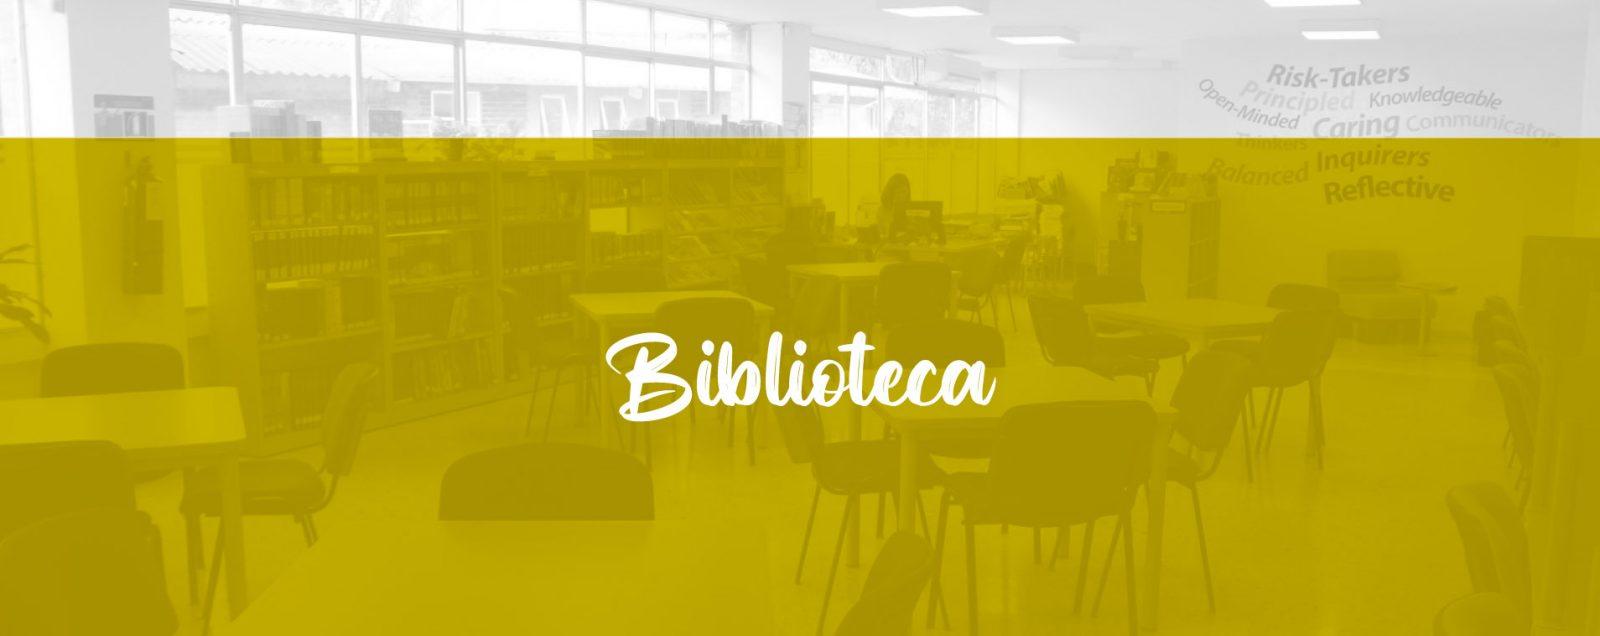 canaverales_biblioteca-color